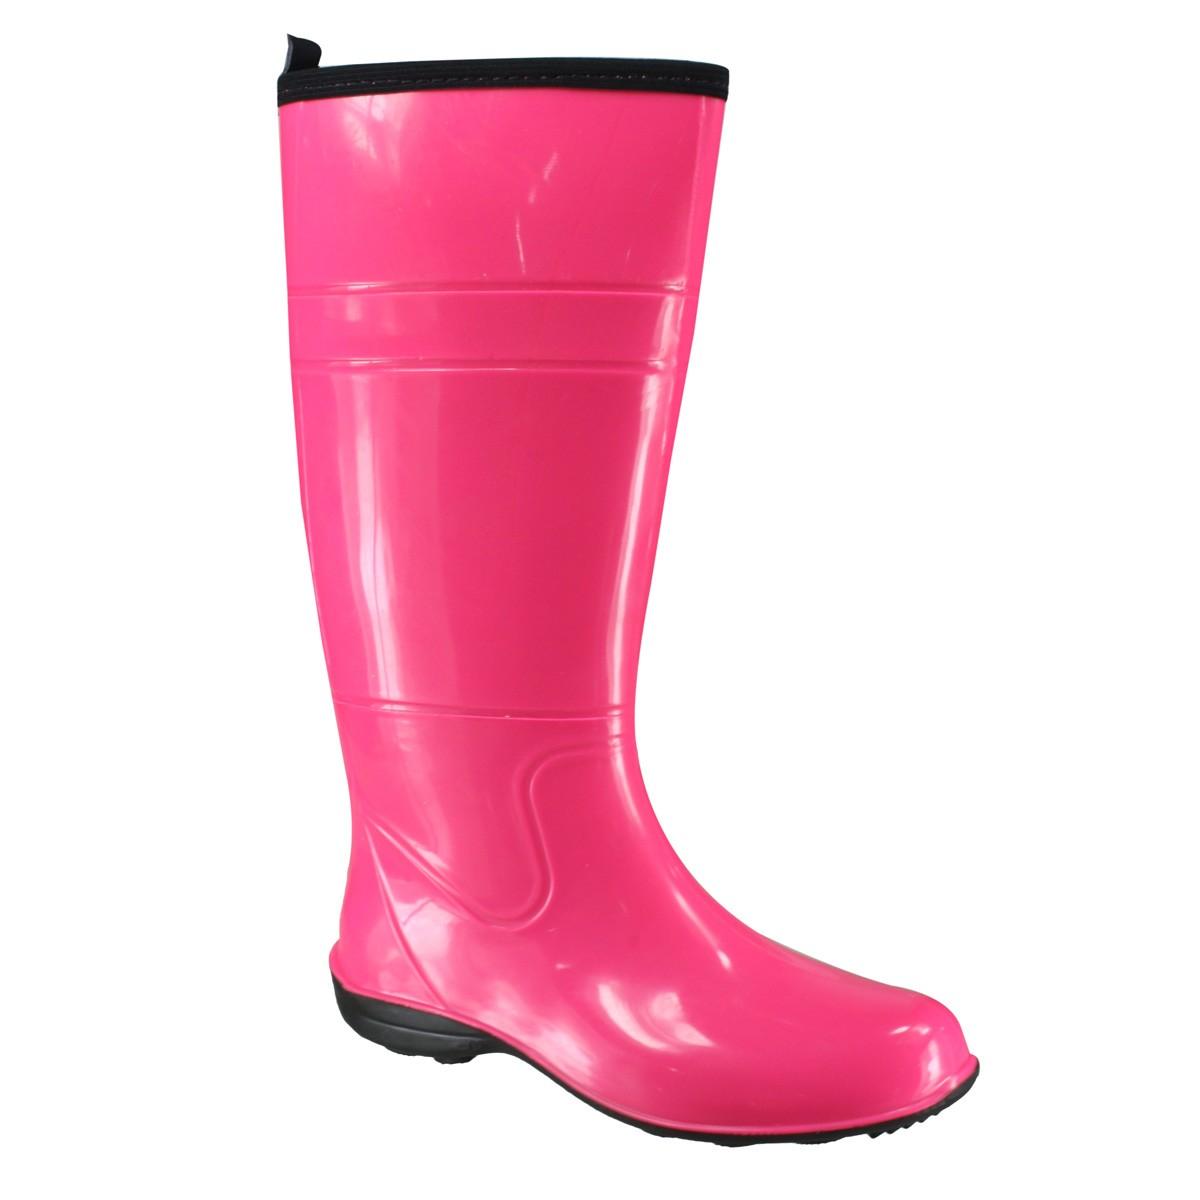 55d4220830c Bota Feminina Pat Sem Elástico Cano Alto 10077 - Pink - Calçados ...